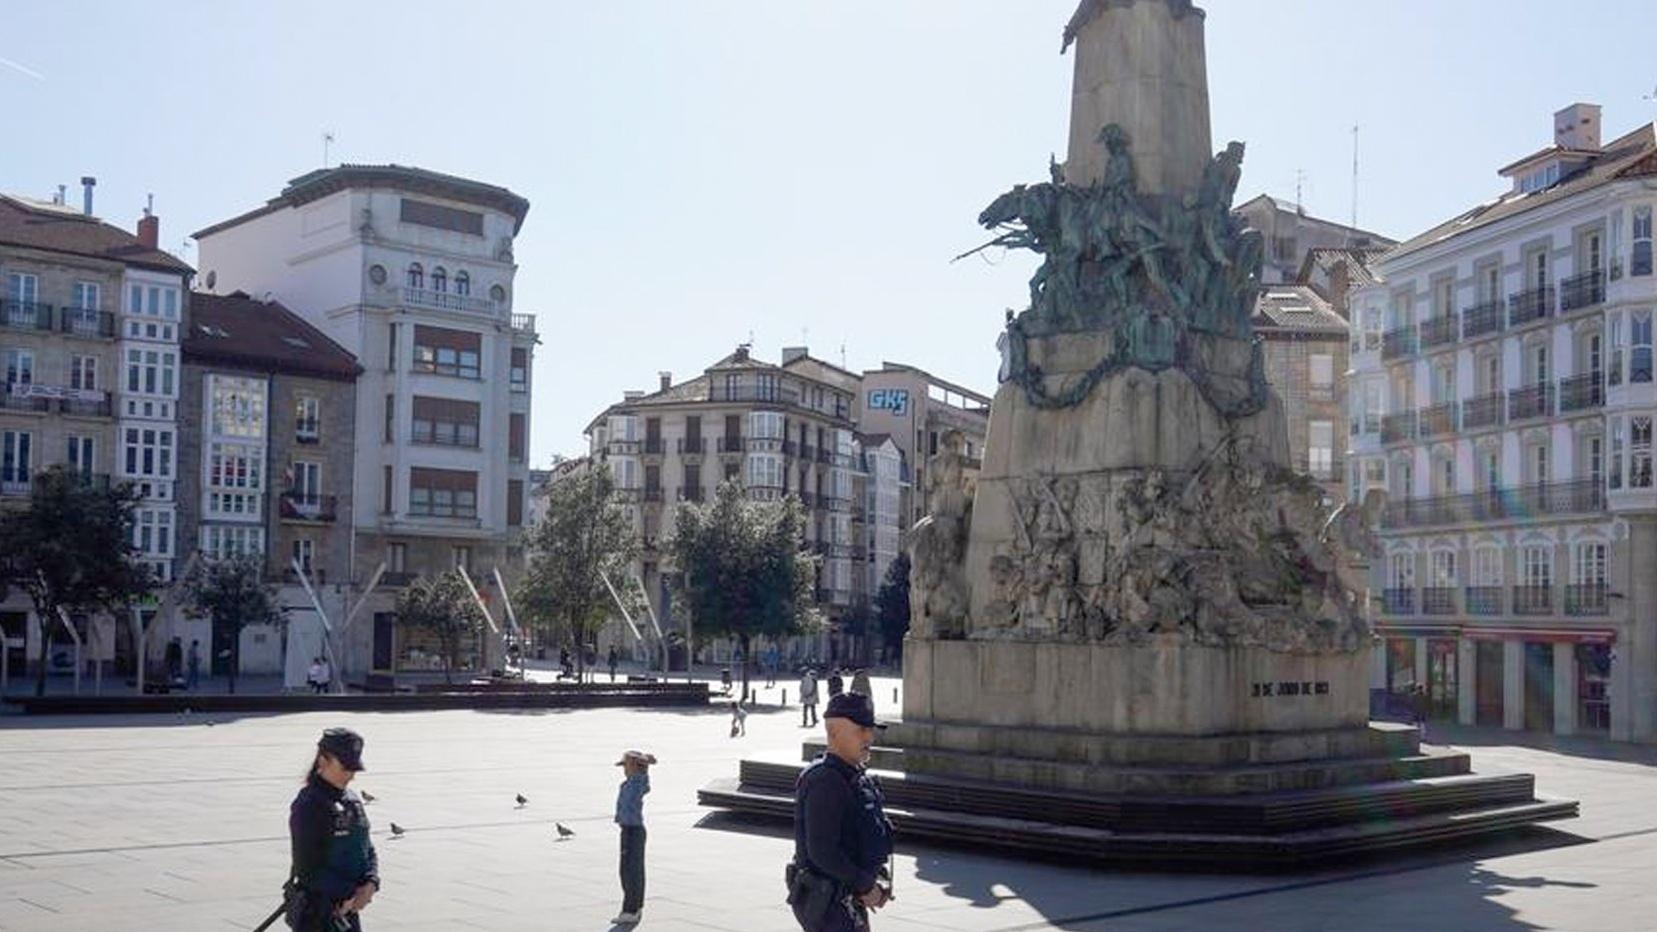 ข่าวสดวันนี้ สเปนปิดเมือง ไวรัสโควิด-19 ไวรัสโคโรนา